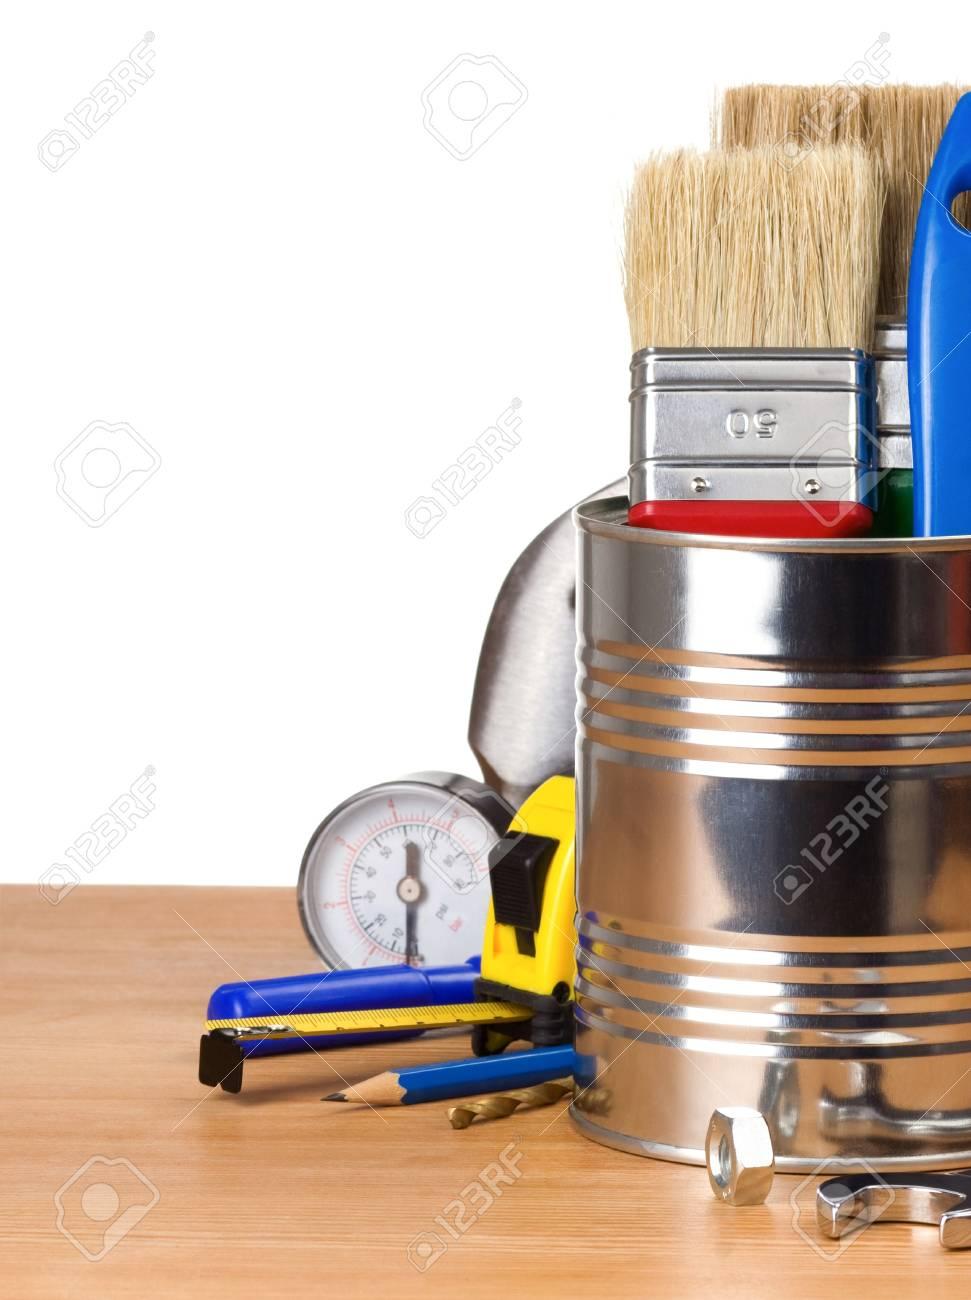 set of tools isolated on white background Stock Photo - 14383391